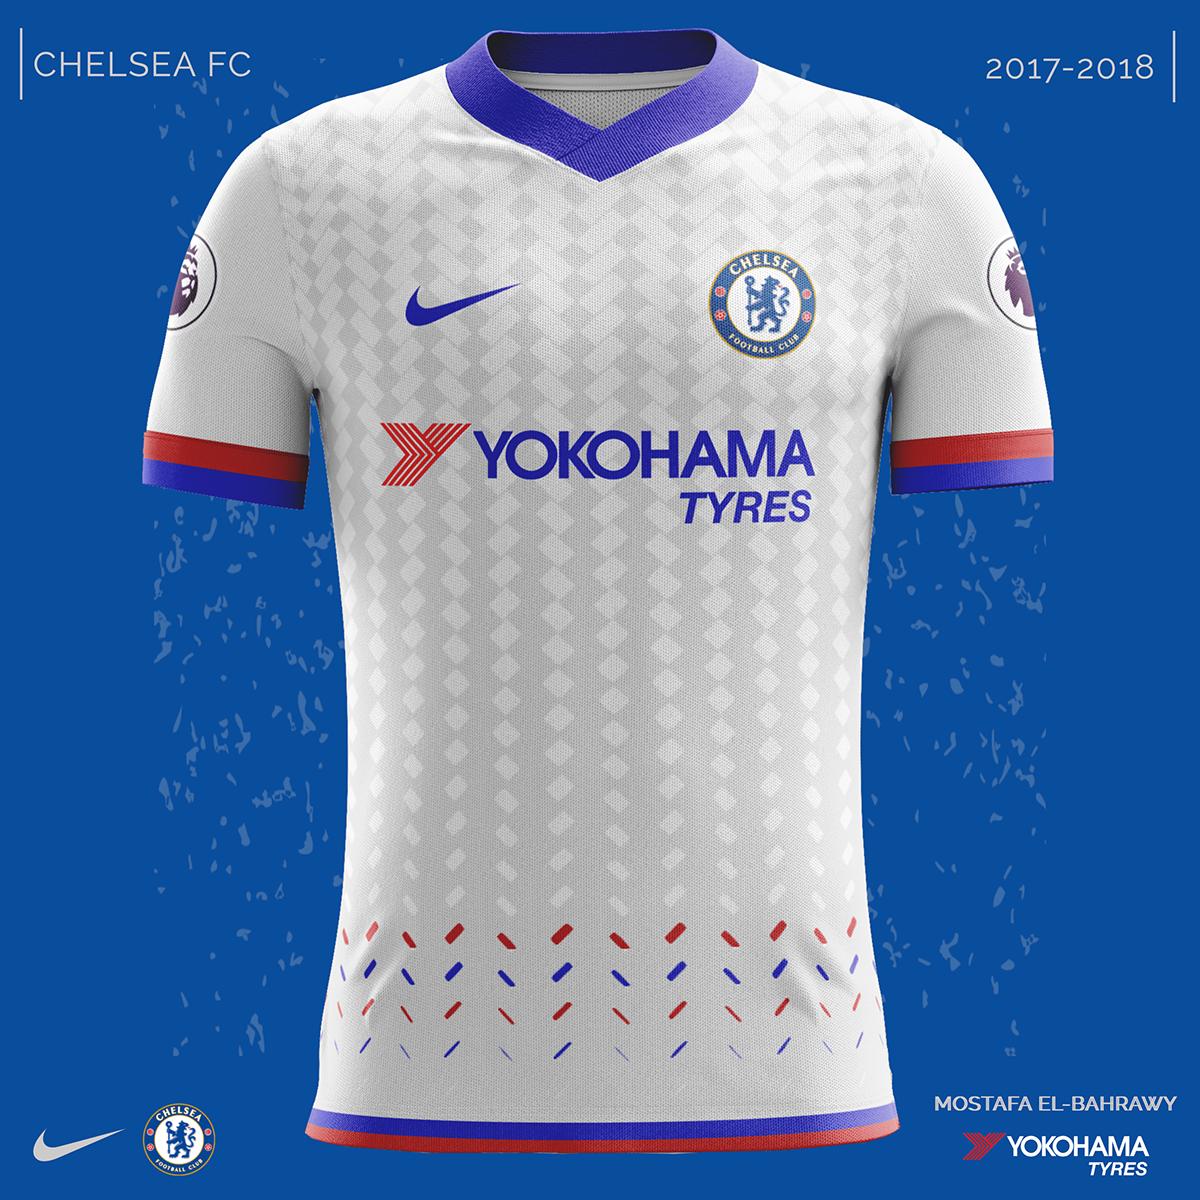 brand new eaca6 dc48f Chelsea Nike Kits (2017-2018) on Behance